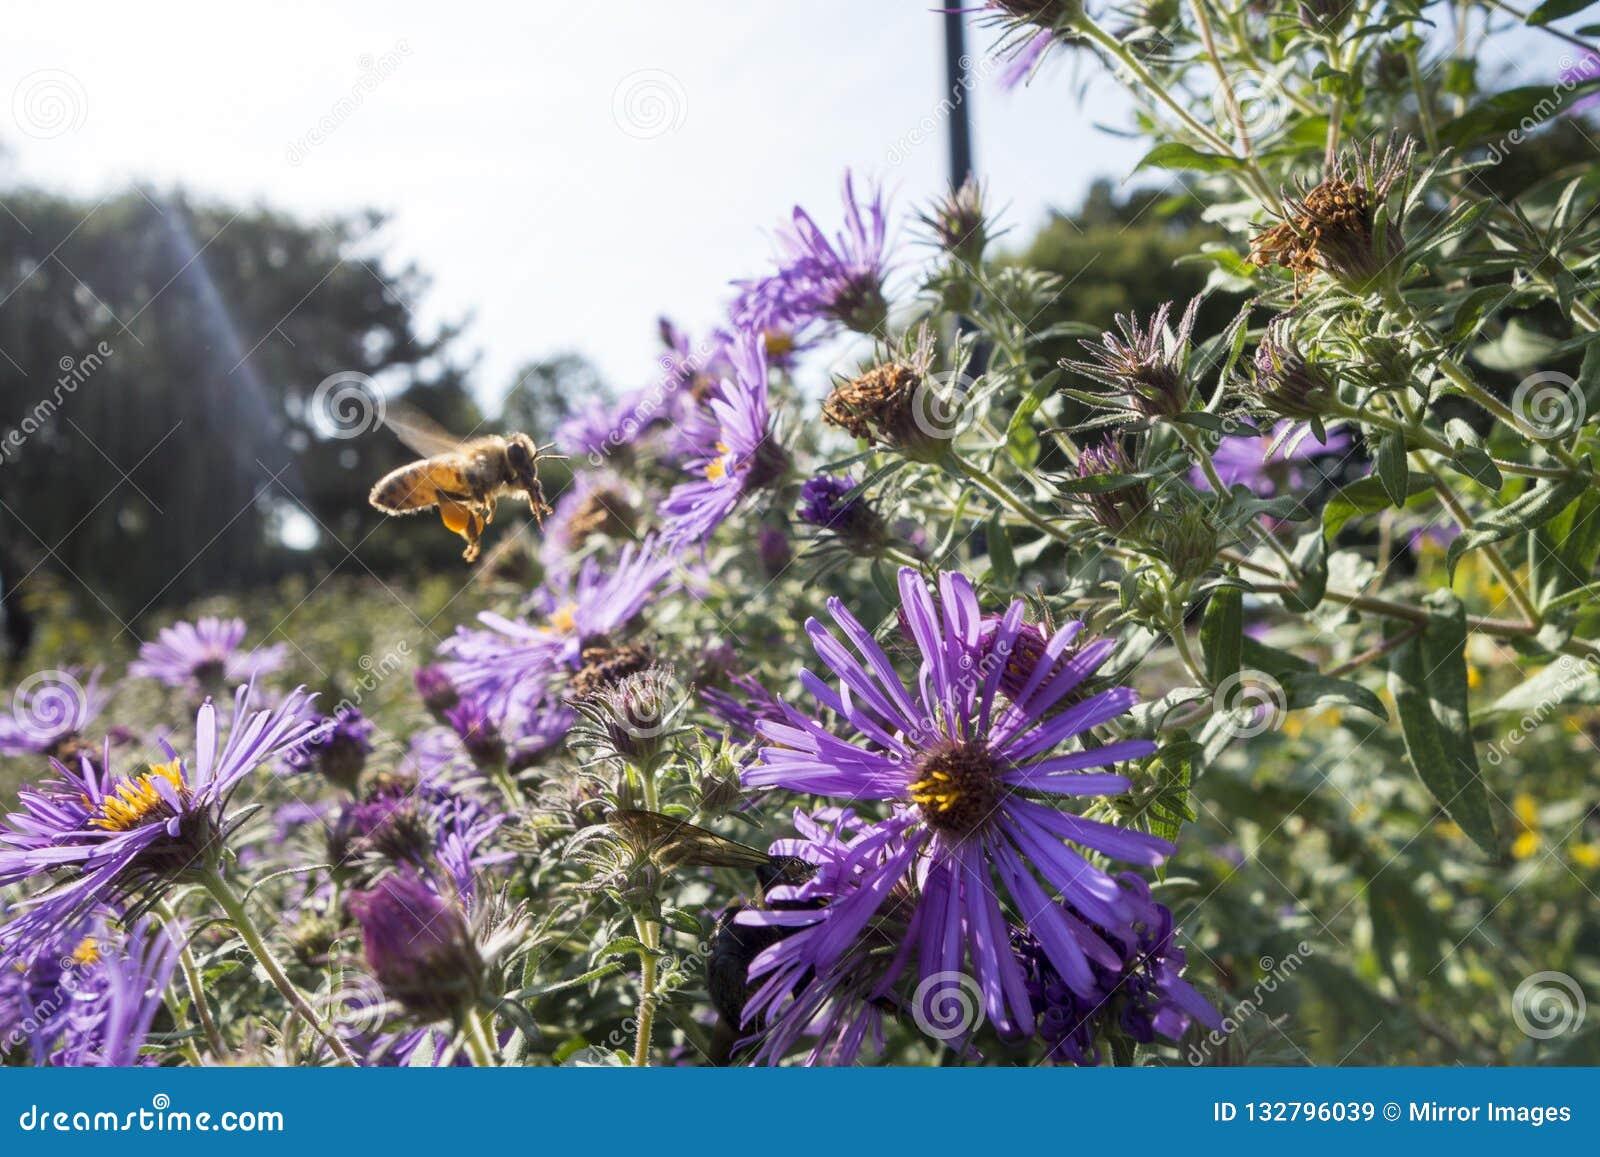 新英格兰翠菊植物在有飞行到它的蜂蜜蜂的一个庭院草甸是与花粉大袋的紫色花对此是hine腿